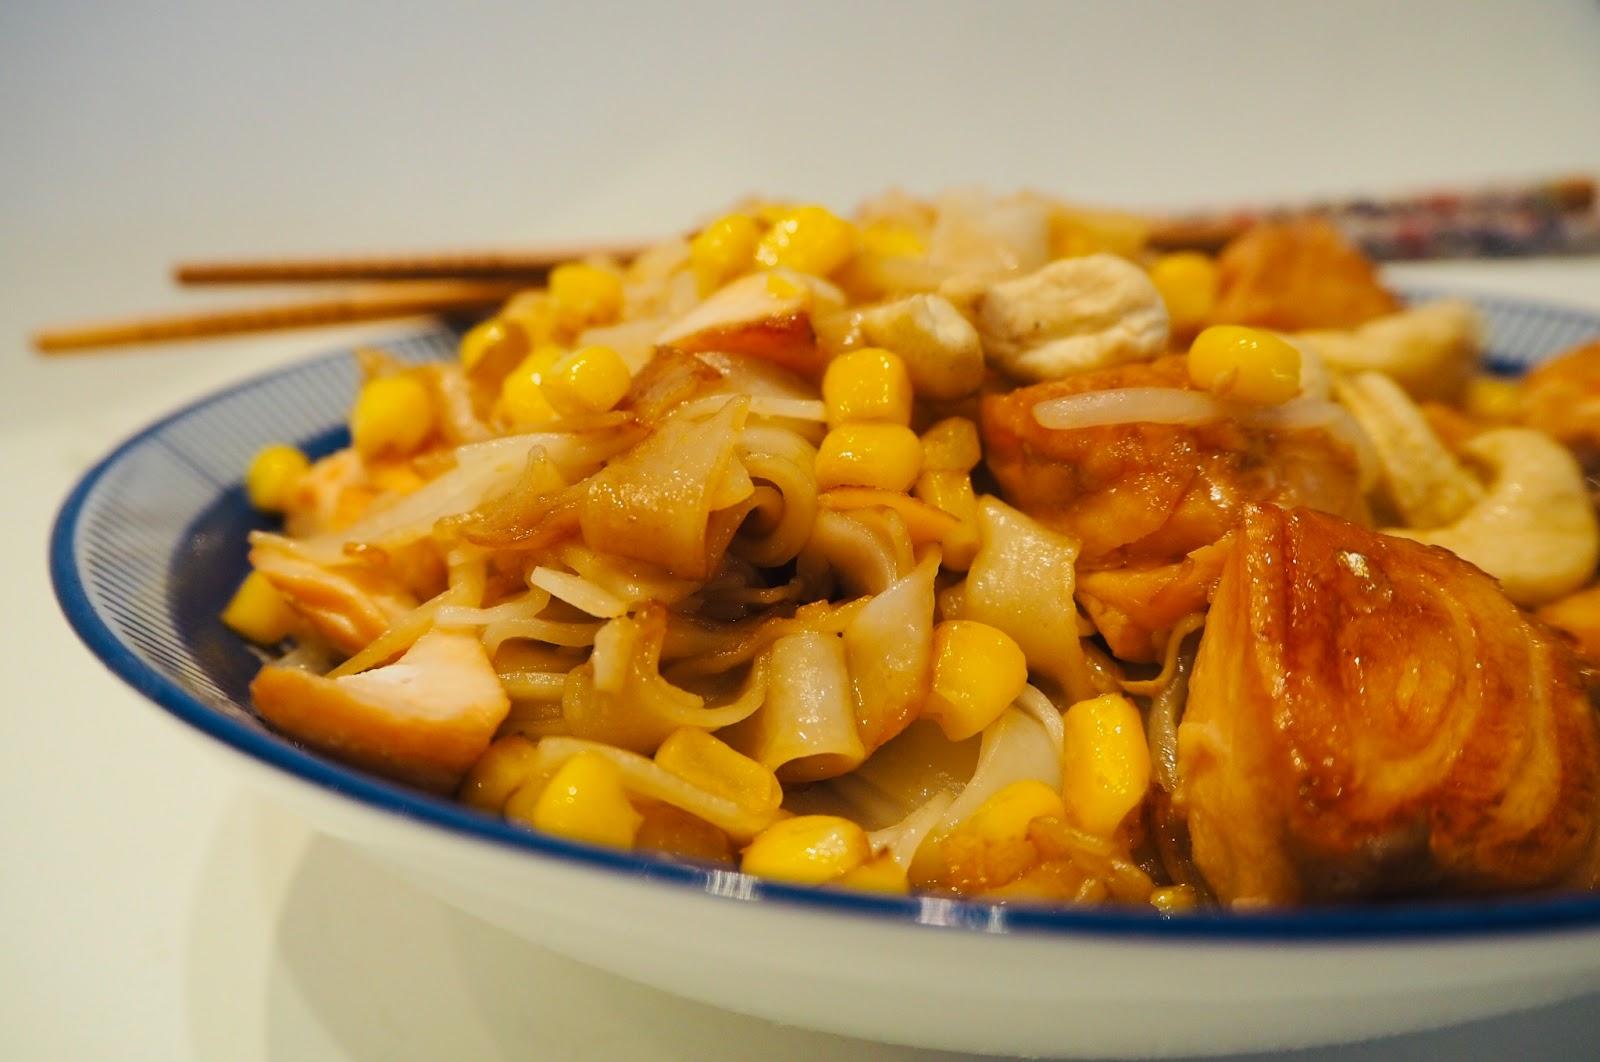 Łosoś marynowany w sosie teriyaki z makaronem ryżowym